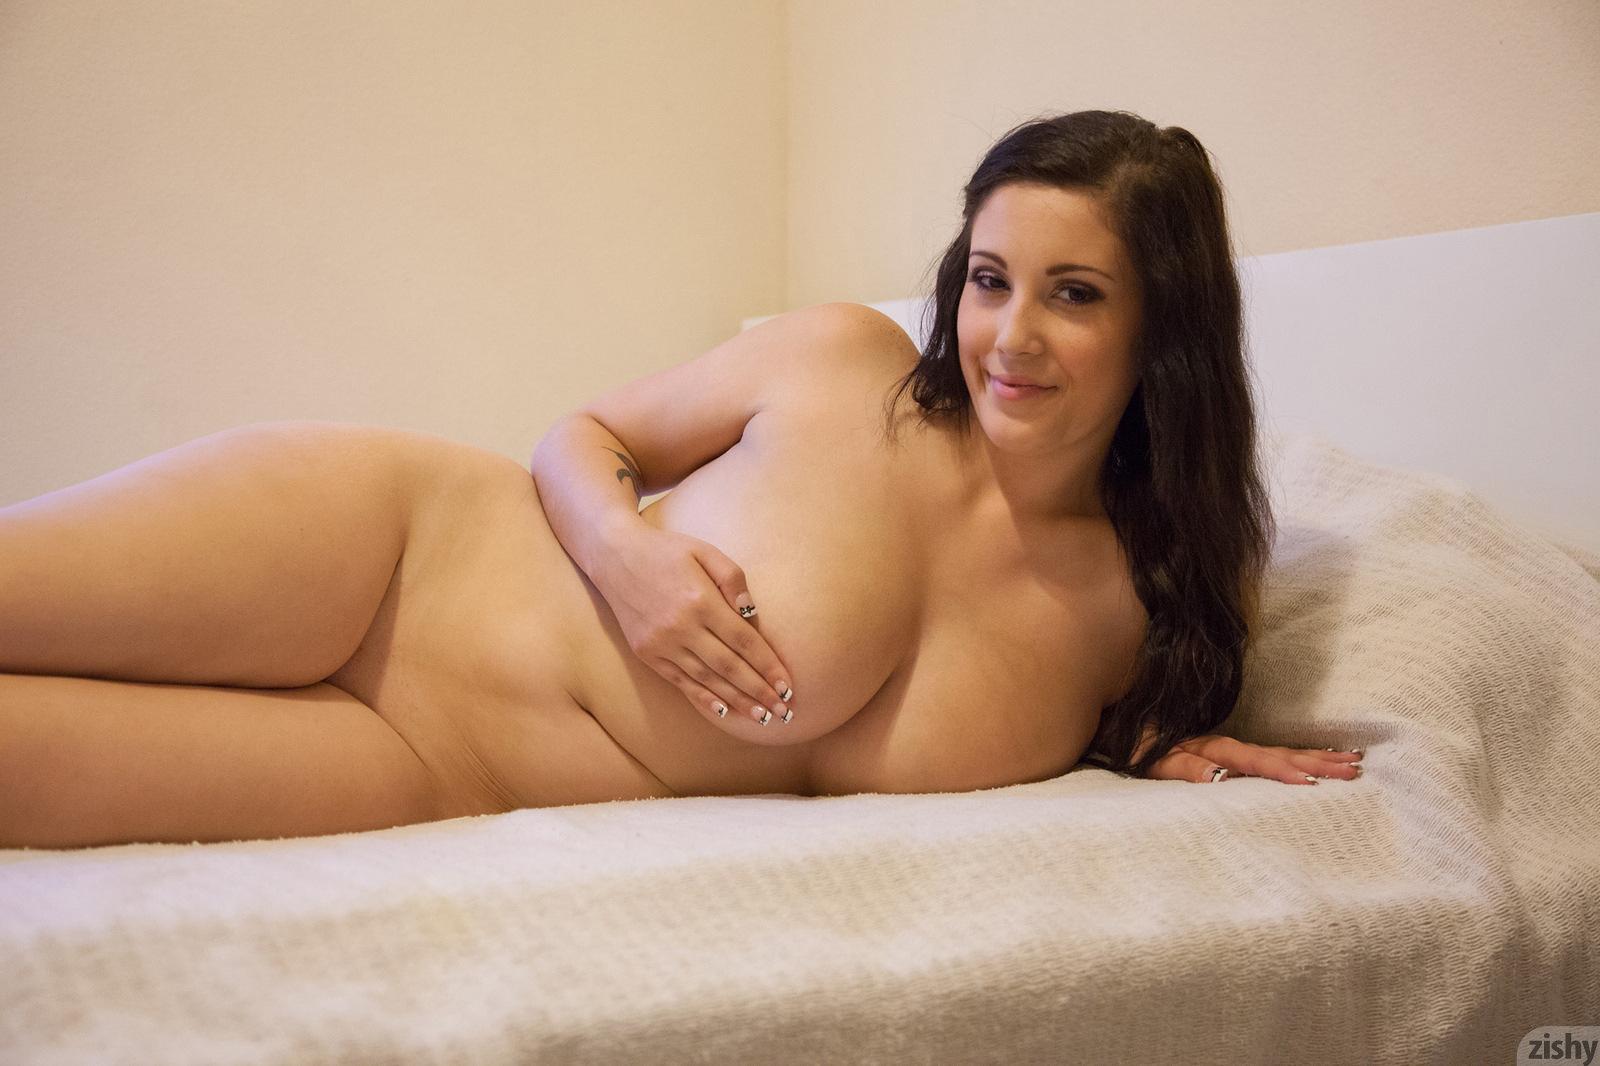 Фото обнажённых красивых полненьких, Голые пухлые пышки в телефото полных женщин 28 фотография